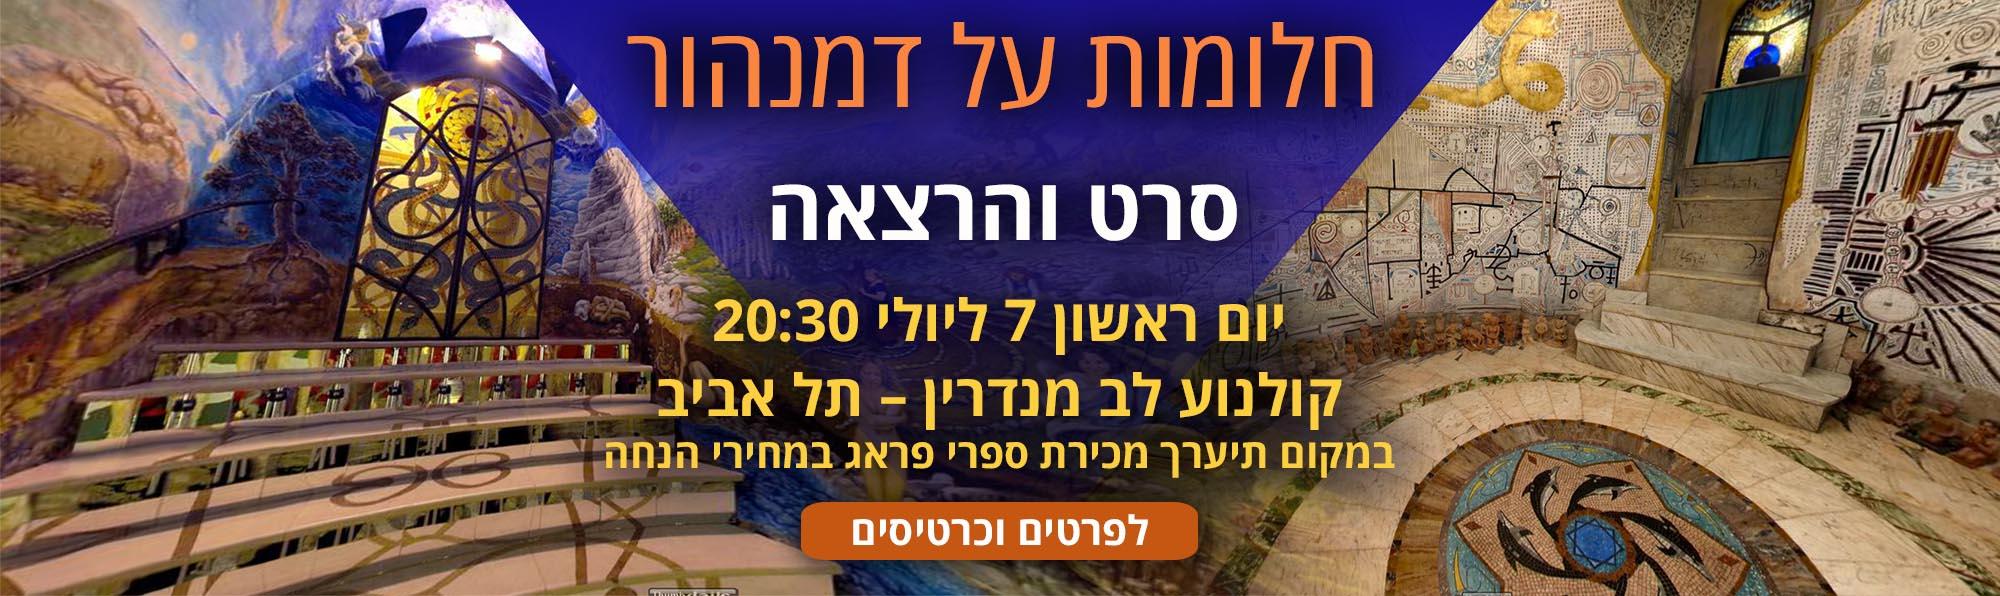 חלומות על דמנהור סרט והרצאה 7.7.2019 לב מנדרין תל אביב